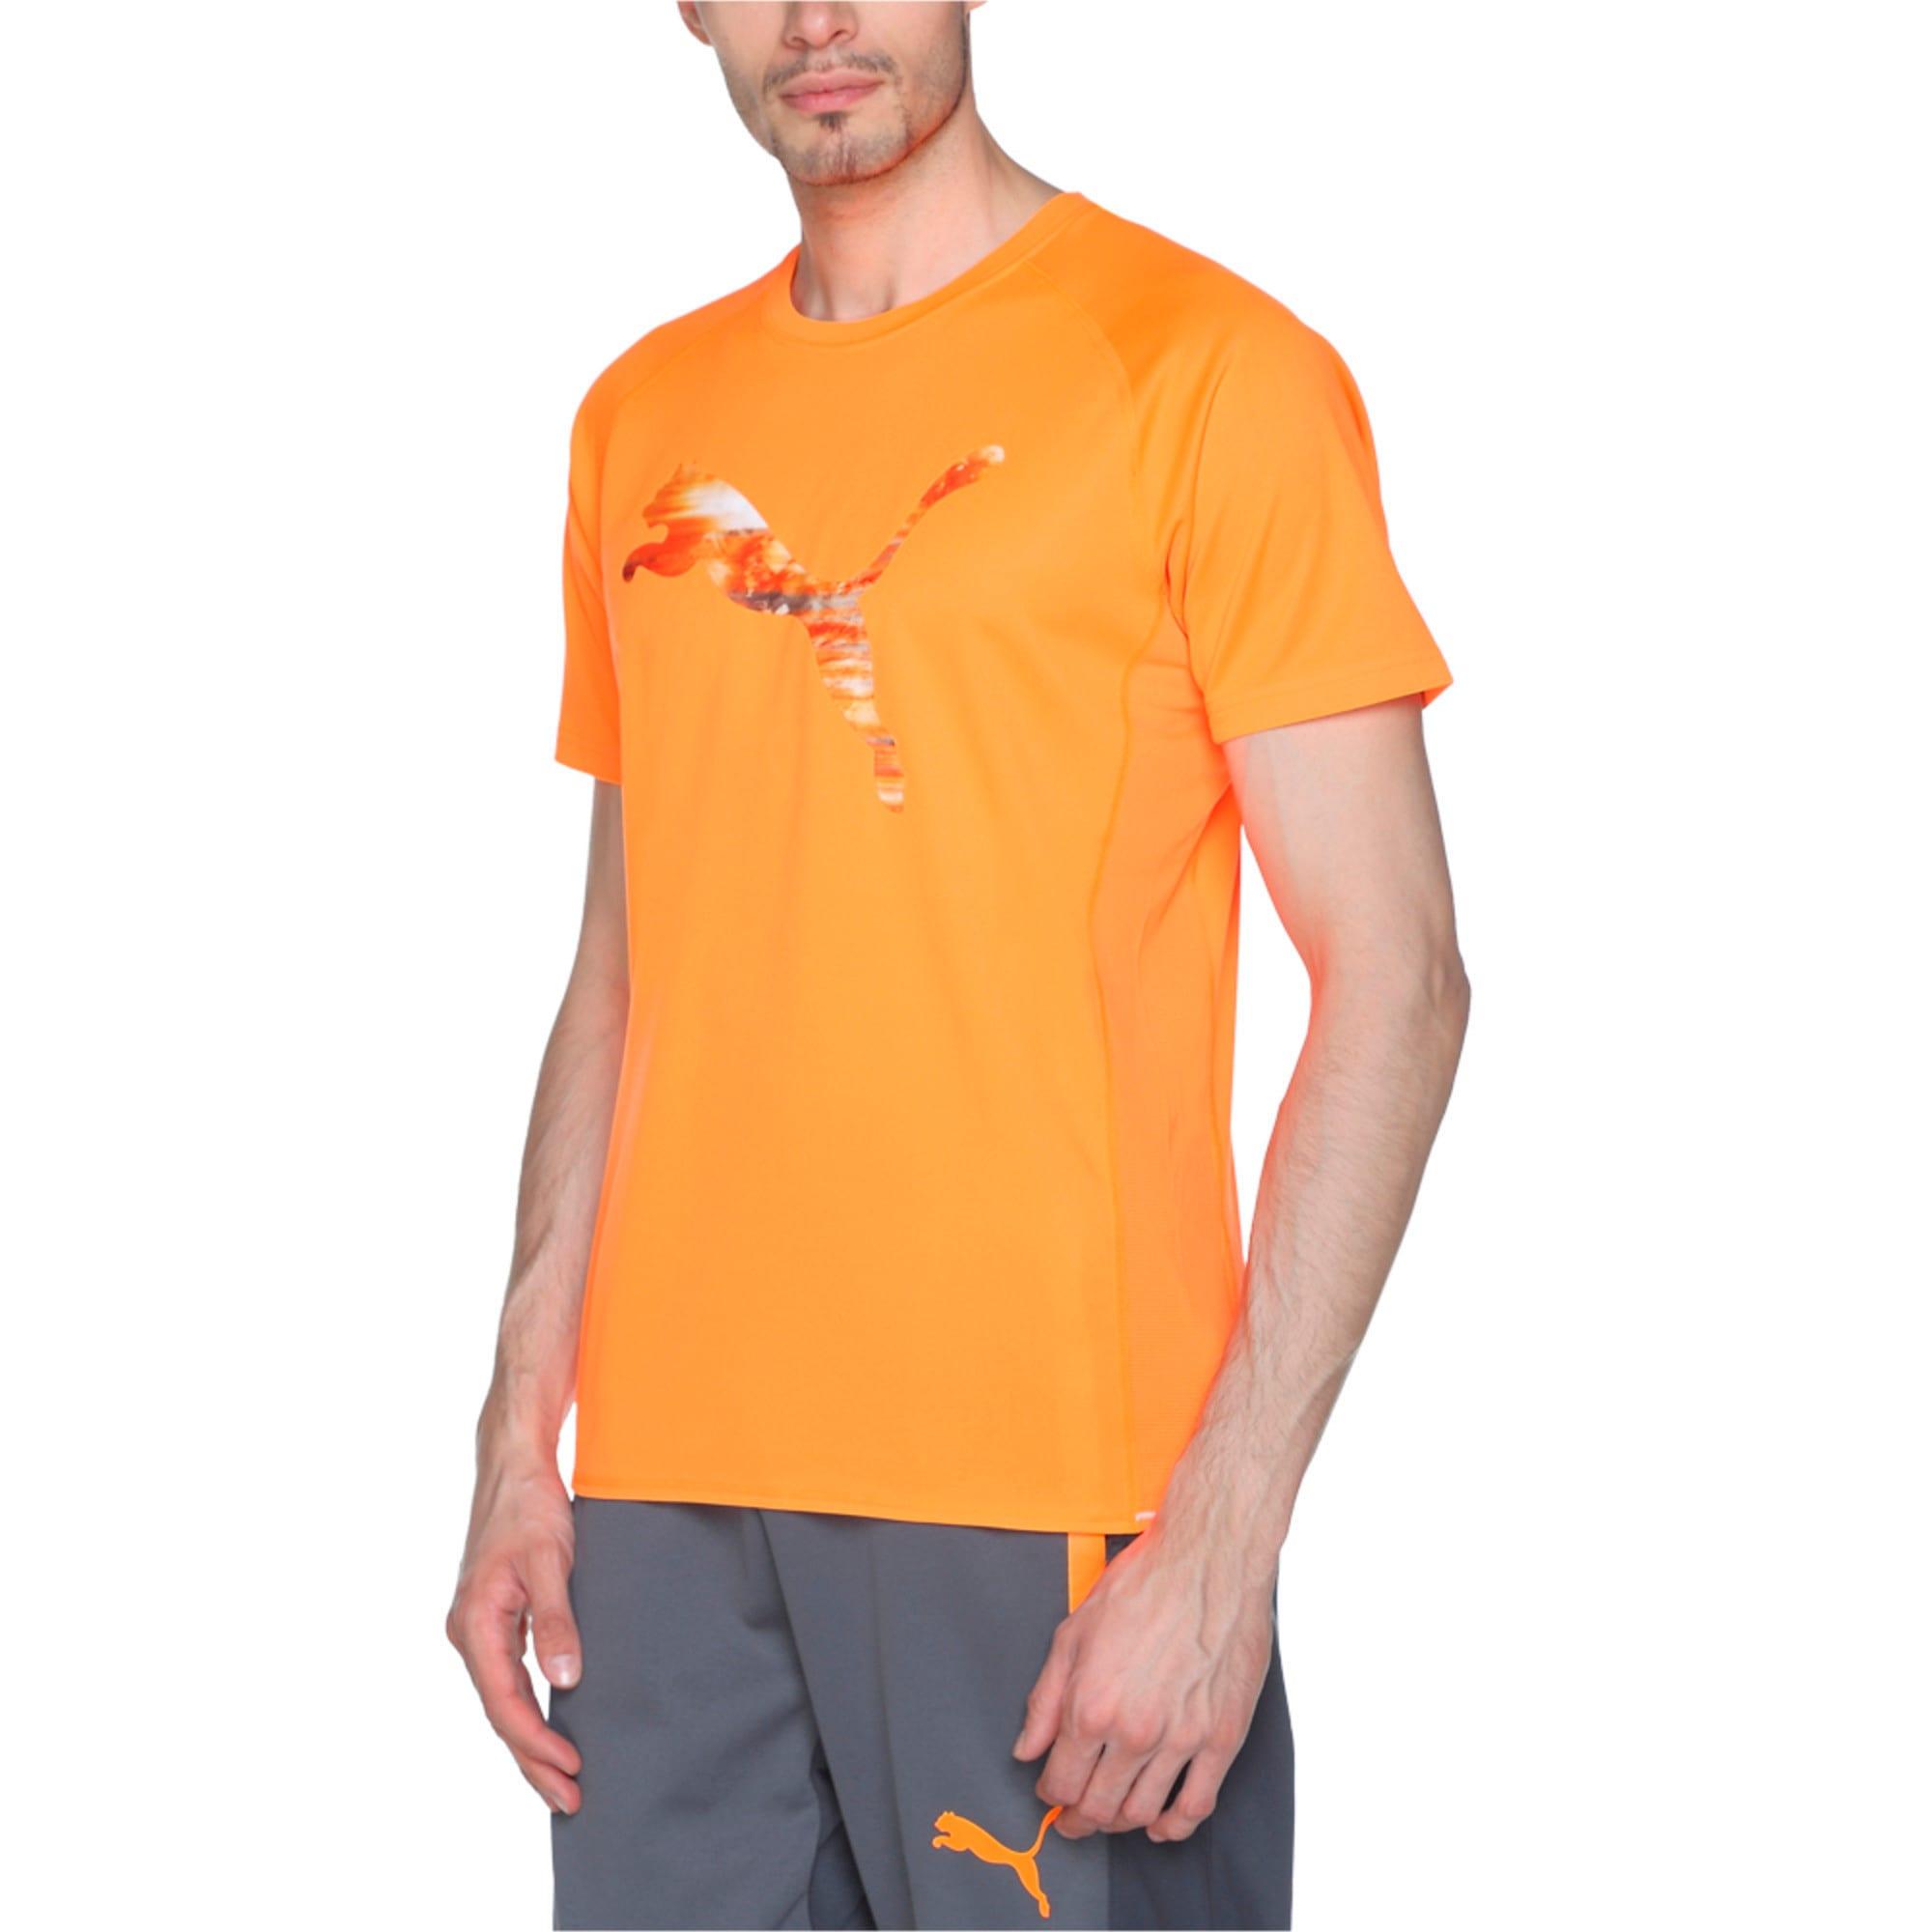 Thumbnail 3 of Running Logo T-Shirt, Shocking Orange, medium-IND